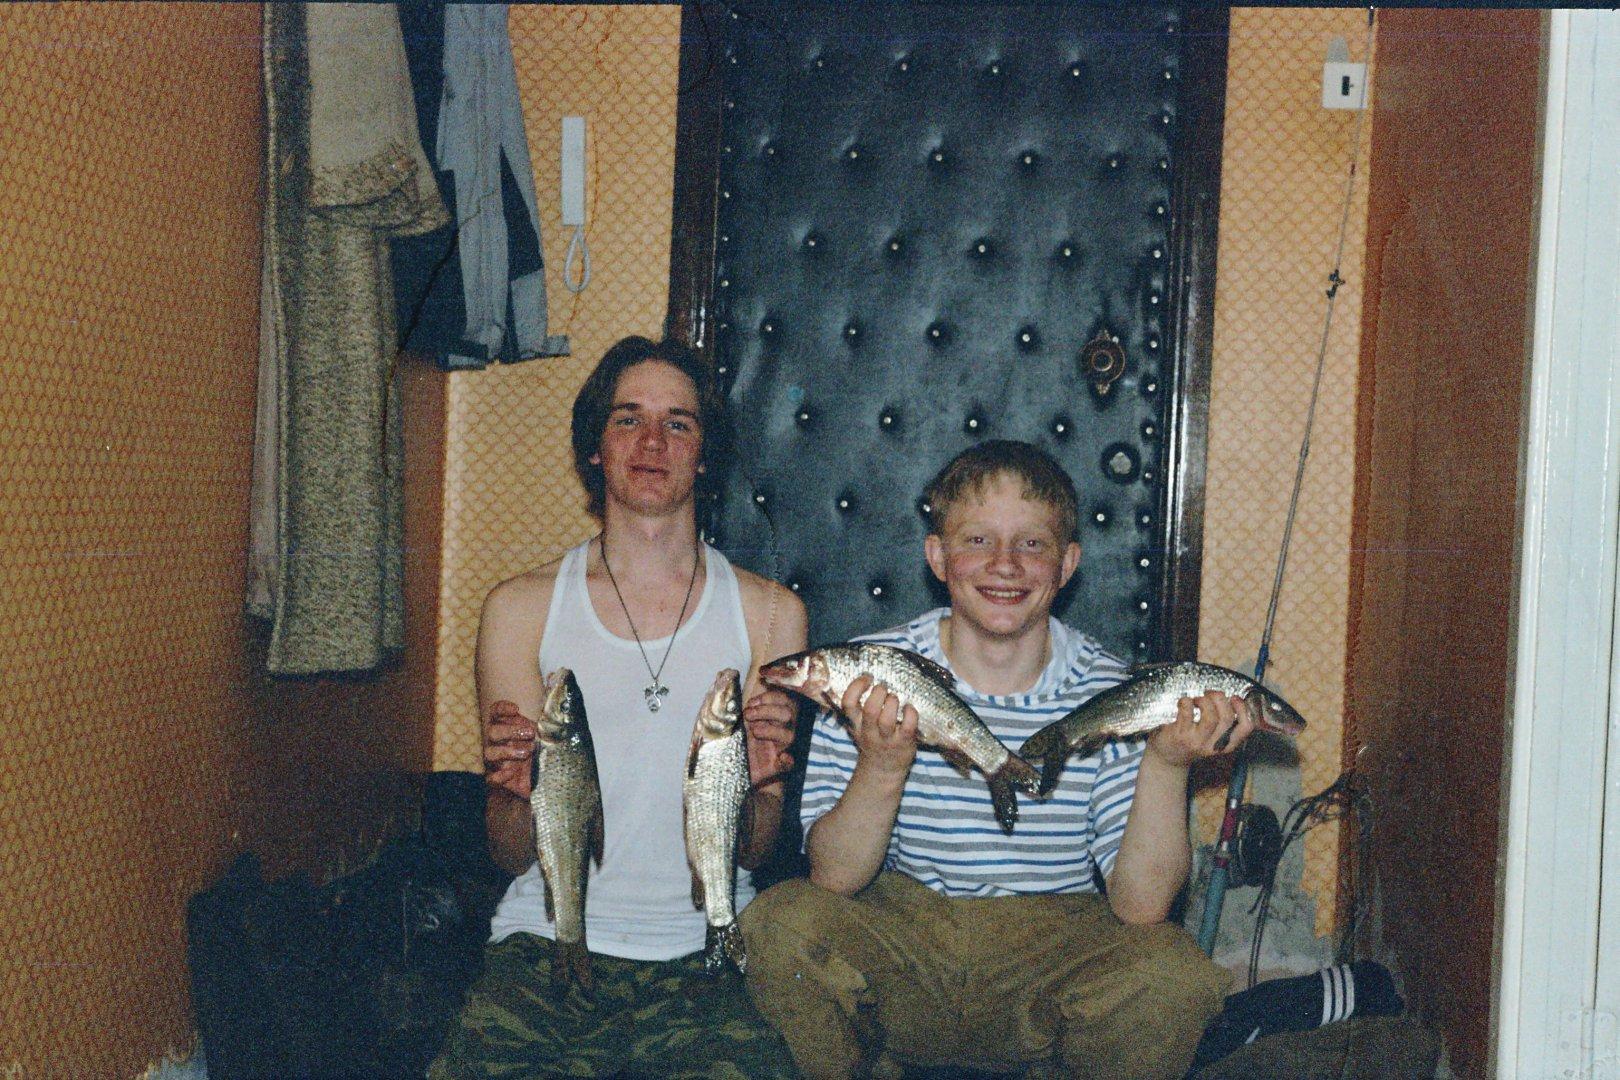 за город начал рыбак собираться. удочку взял чтобы рыбу ловить